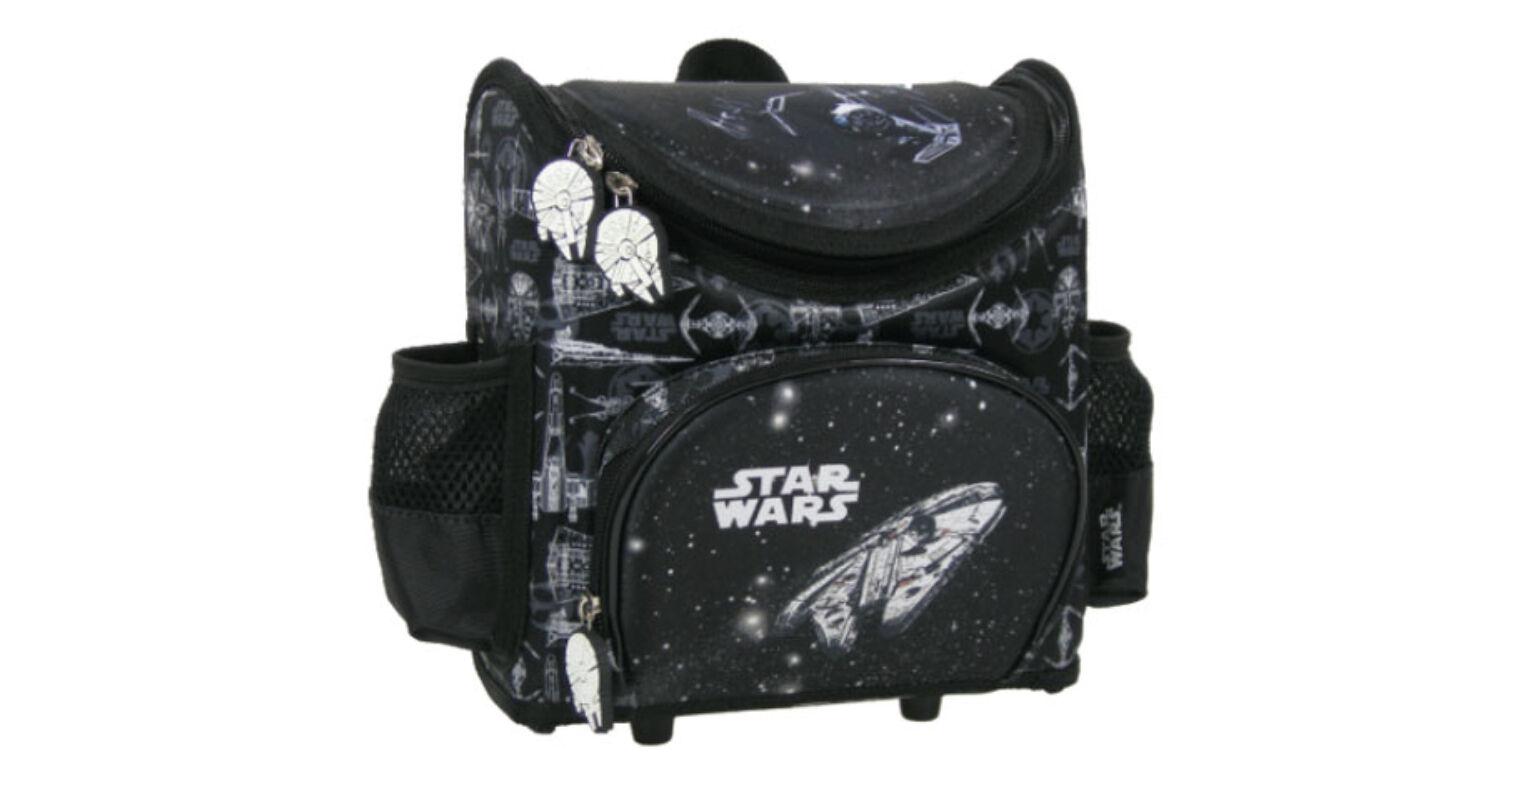 7d19888845ee Star Wars ergonomikus ovis hátizsák – Derform 8.596 Ft-os áron!